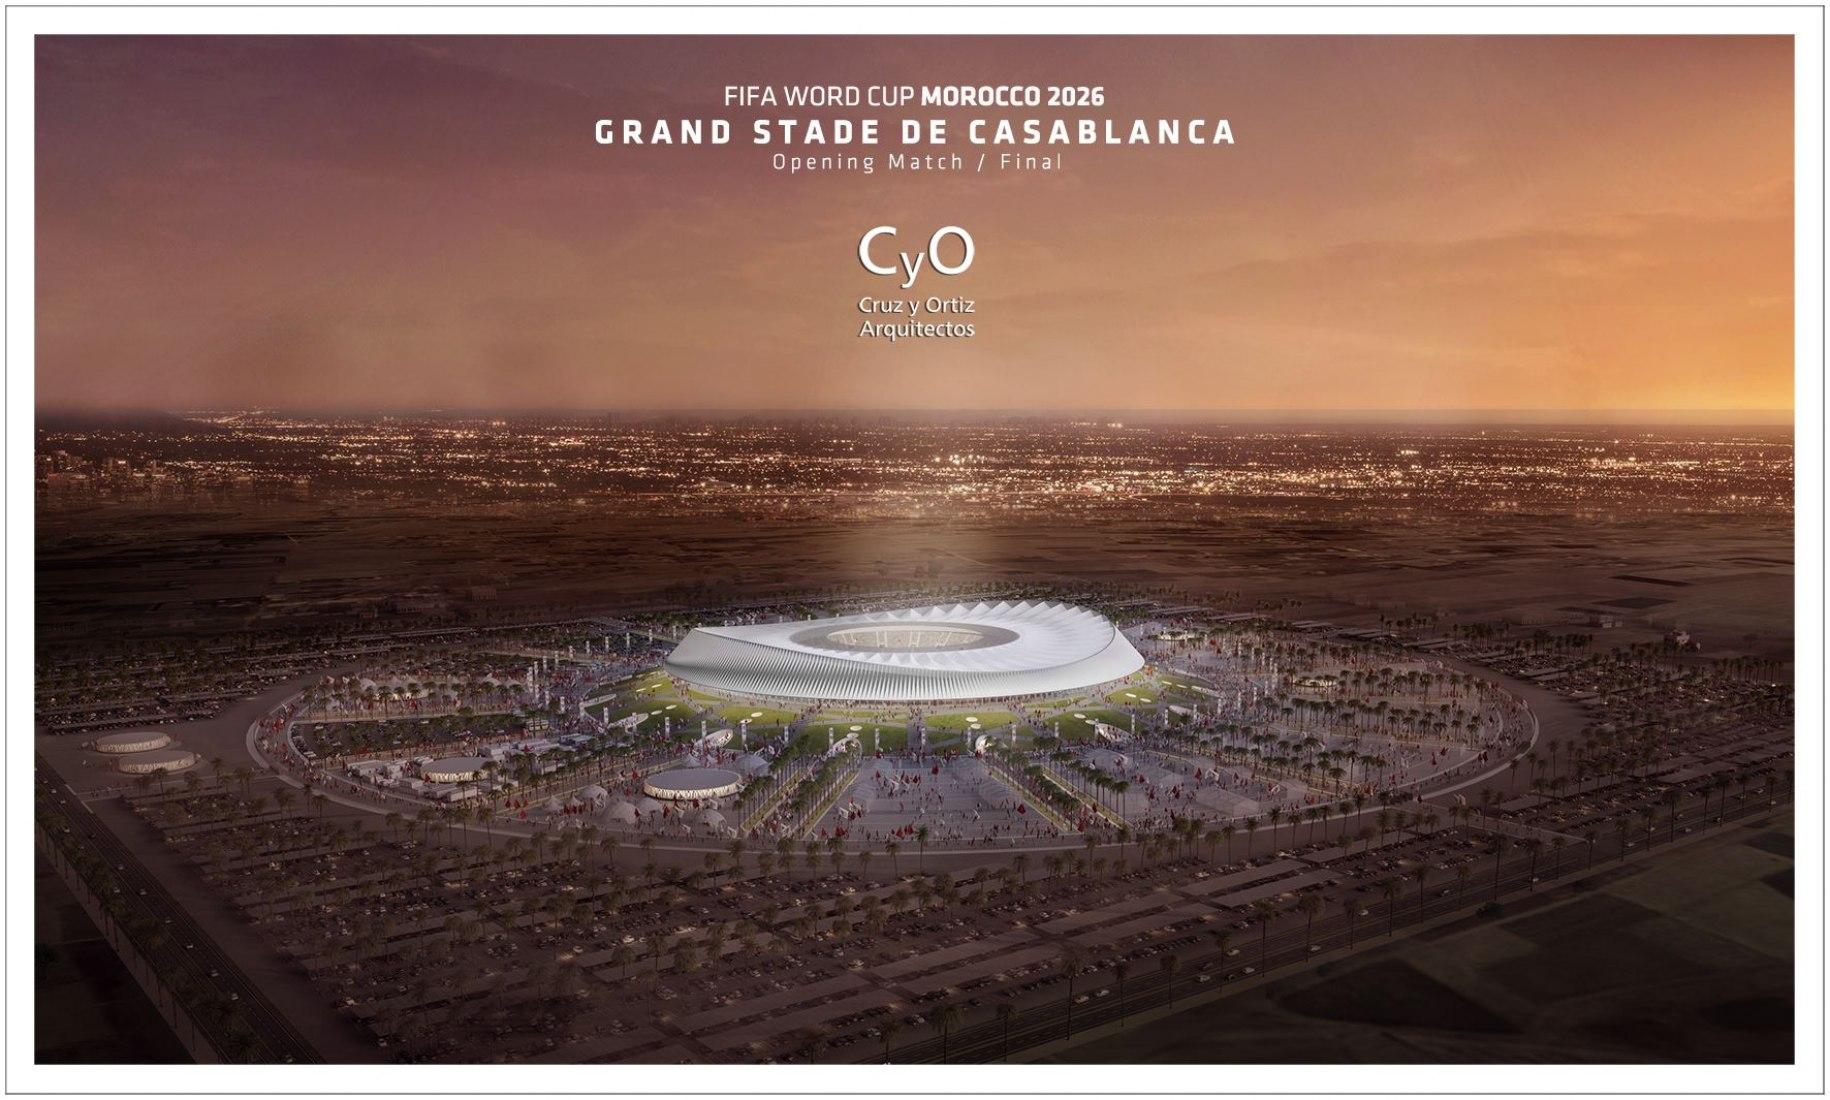 Visualización del  estadio de la gran final Marruecos 2026 por Cruz y Ortiz